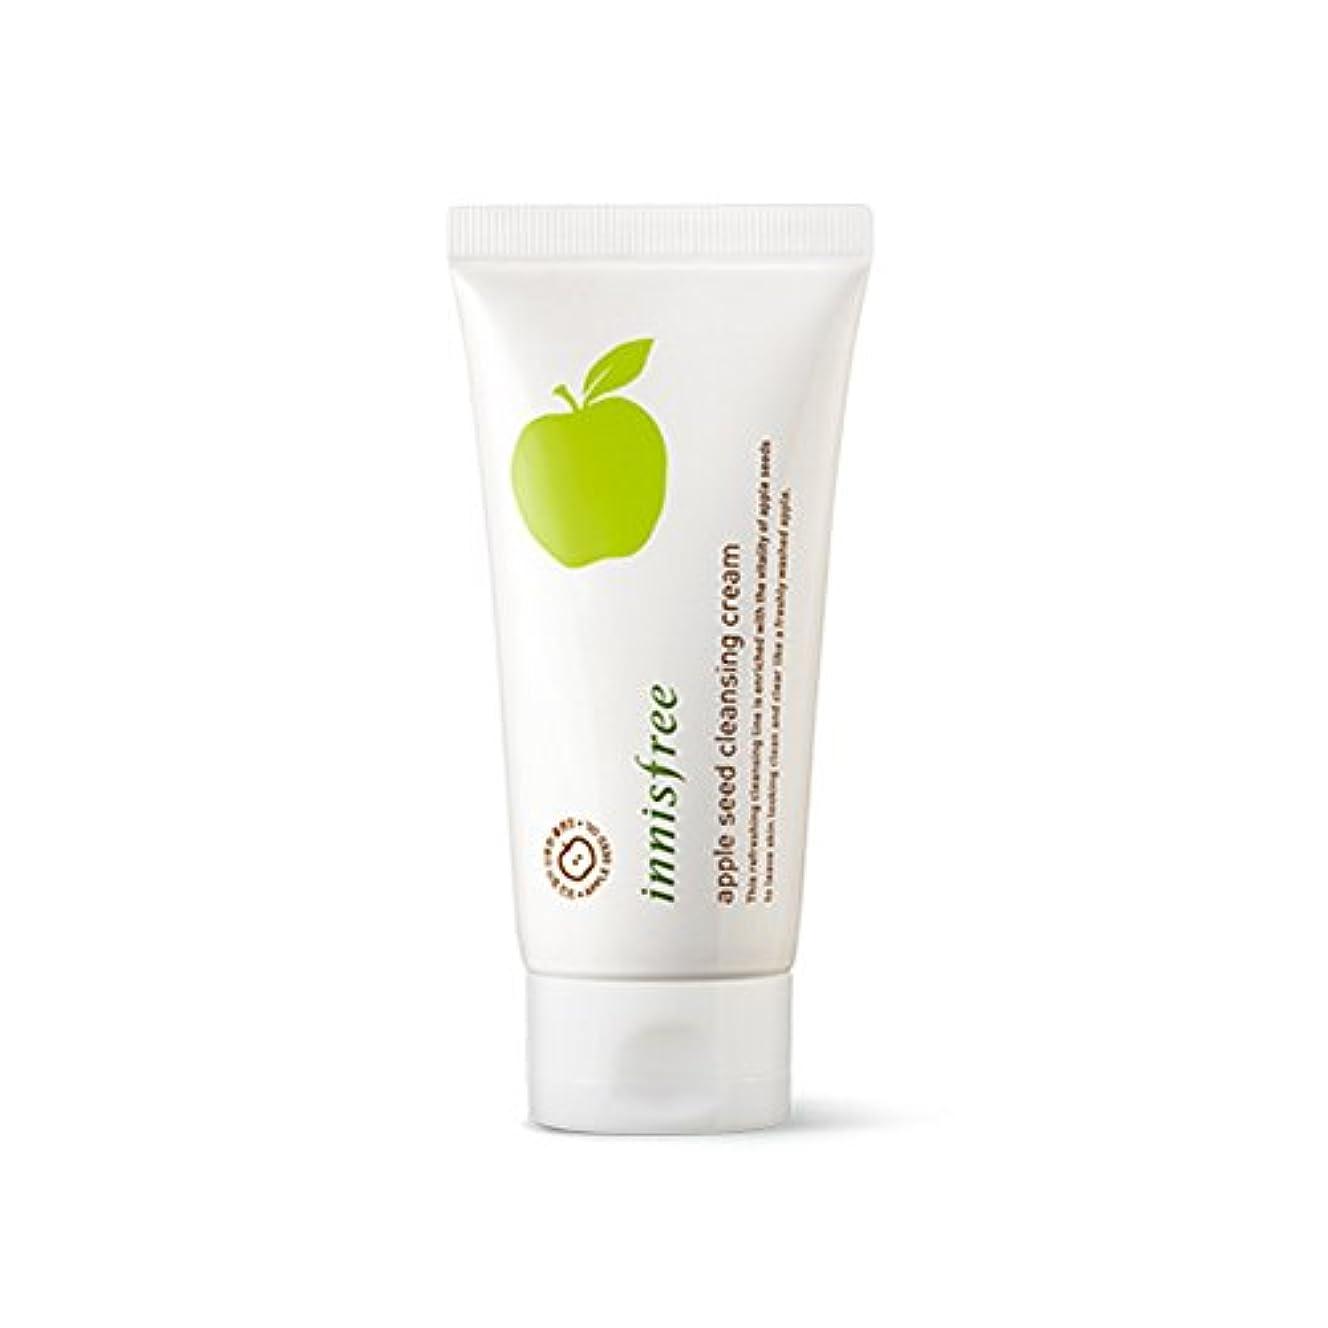 部アドバンテージ海嶺イニスフリーアップルシードクレンジングクリーム150ml / Innisfree Apple Seed Cleansing Cream 150ml [海外直送品][並行輸入品]